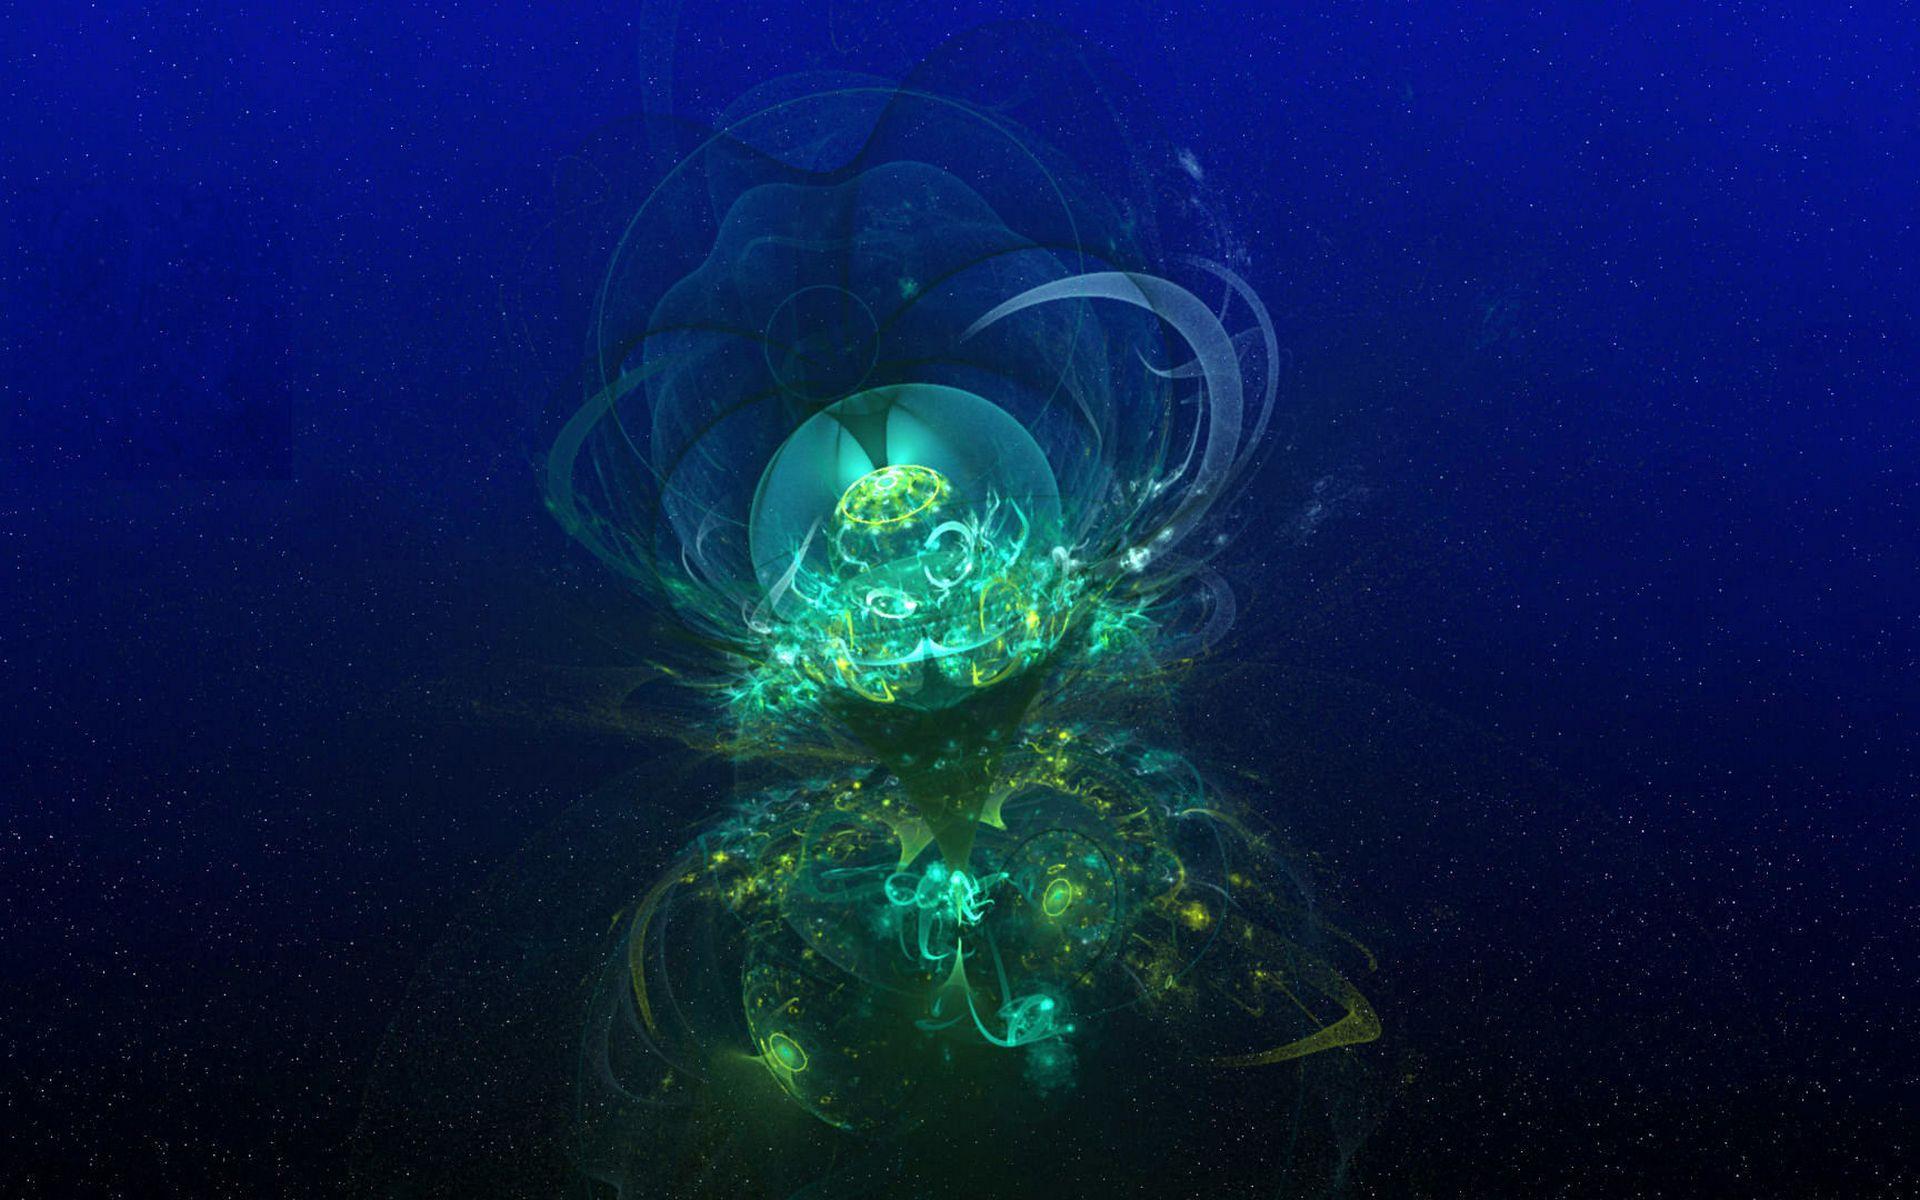 фотообои на рабочий стол глубины океана это время формировал